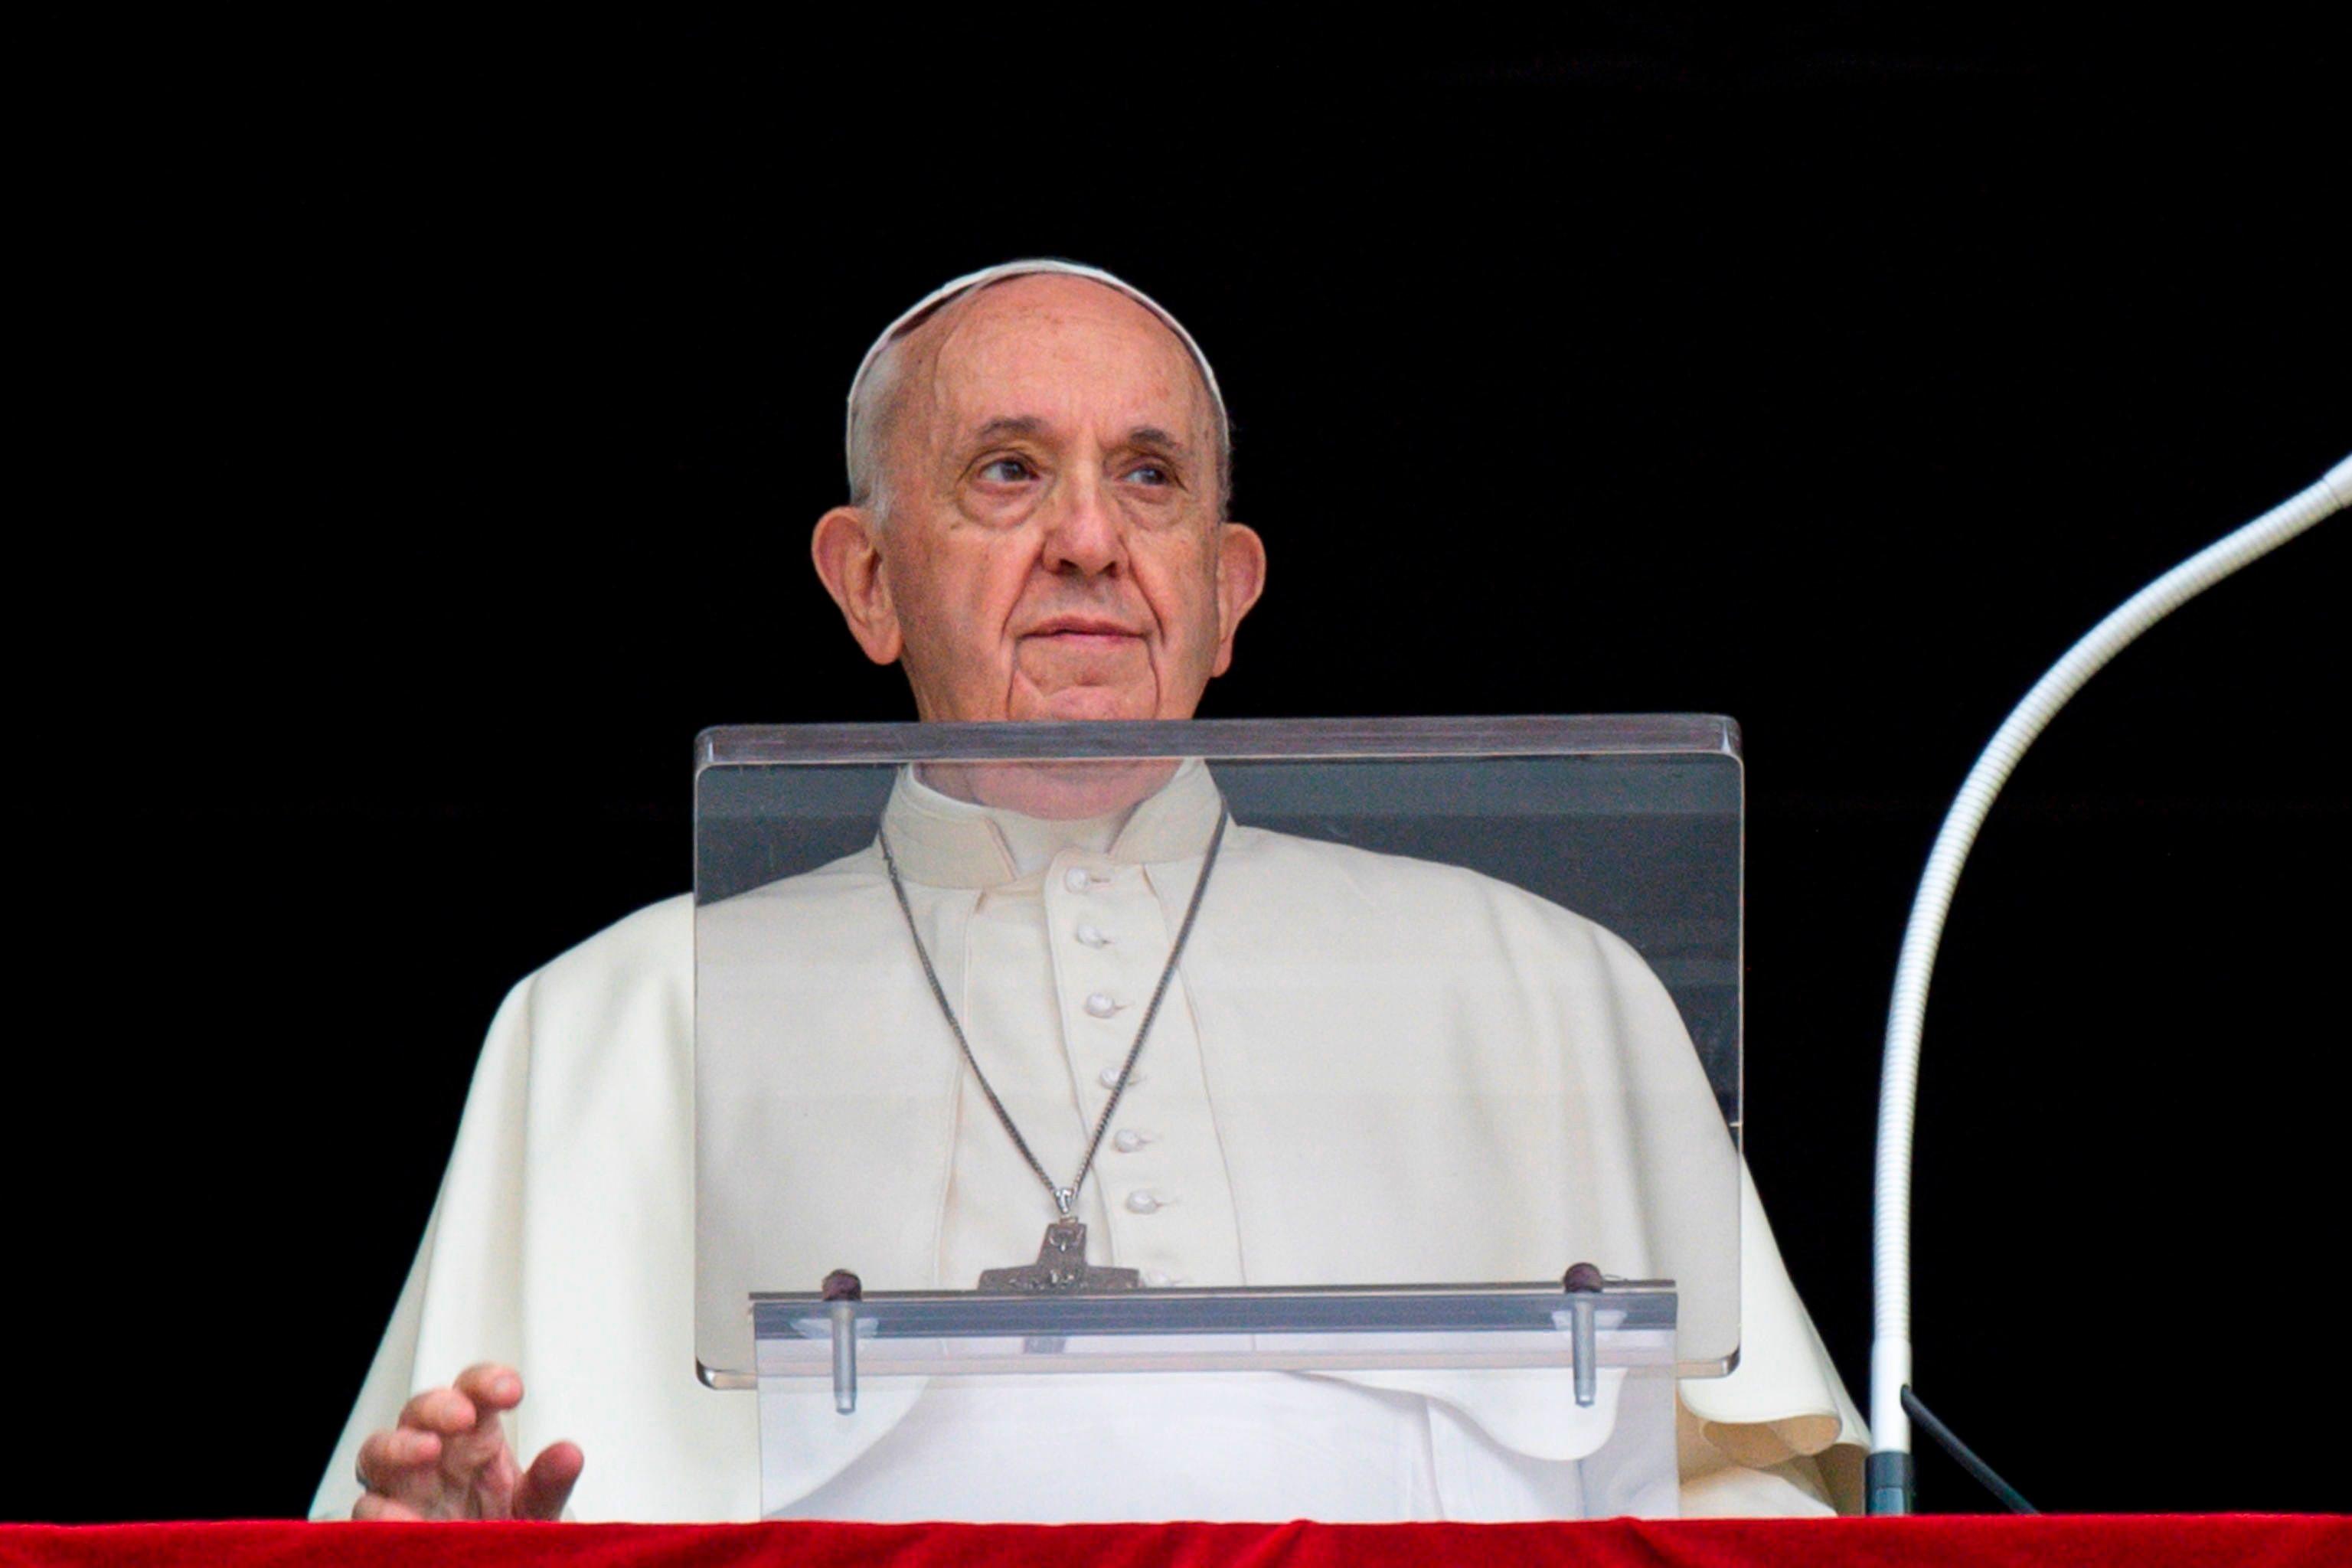 El papa Francisco mandó carta a México (Foto: EFE/EPA/VATICAN MEDIA HANDOUT)